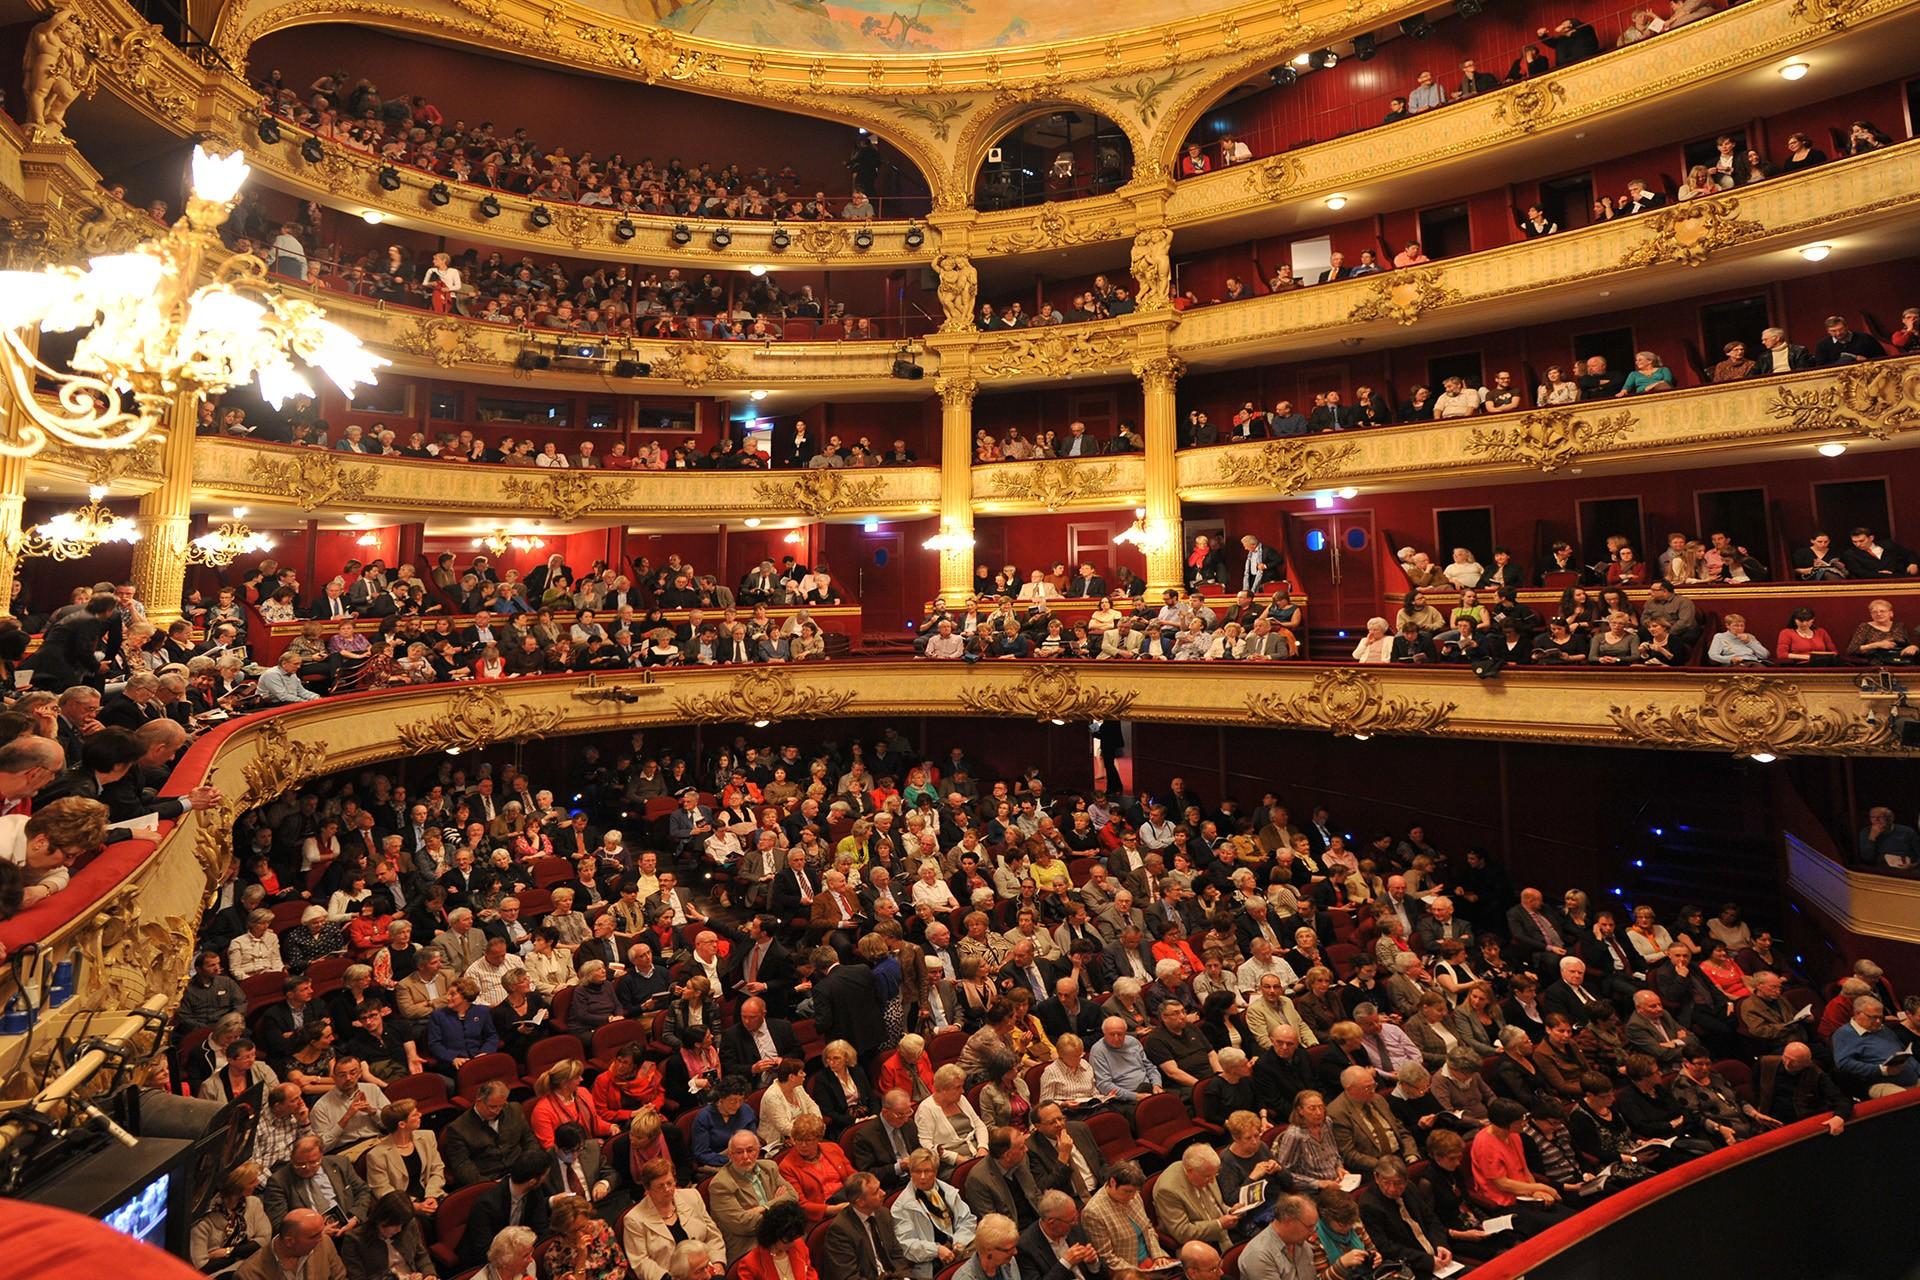 Opéra Royal de Wallonie - Luik